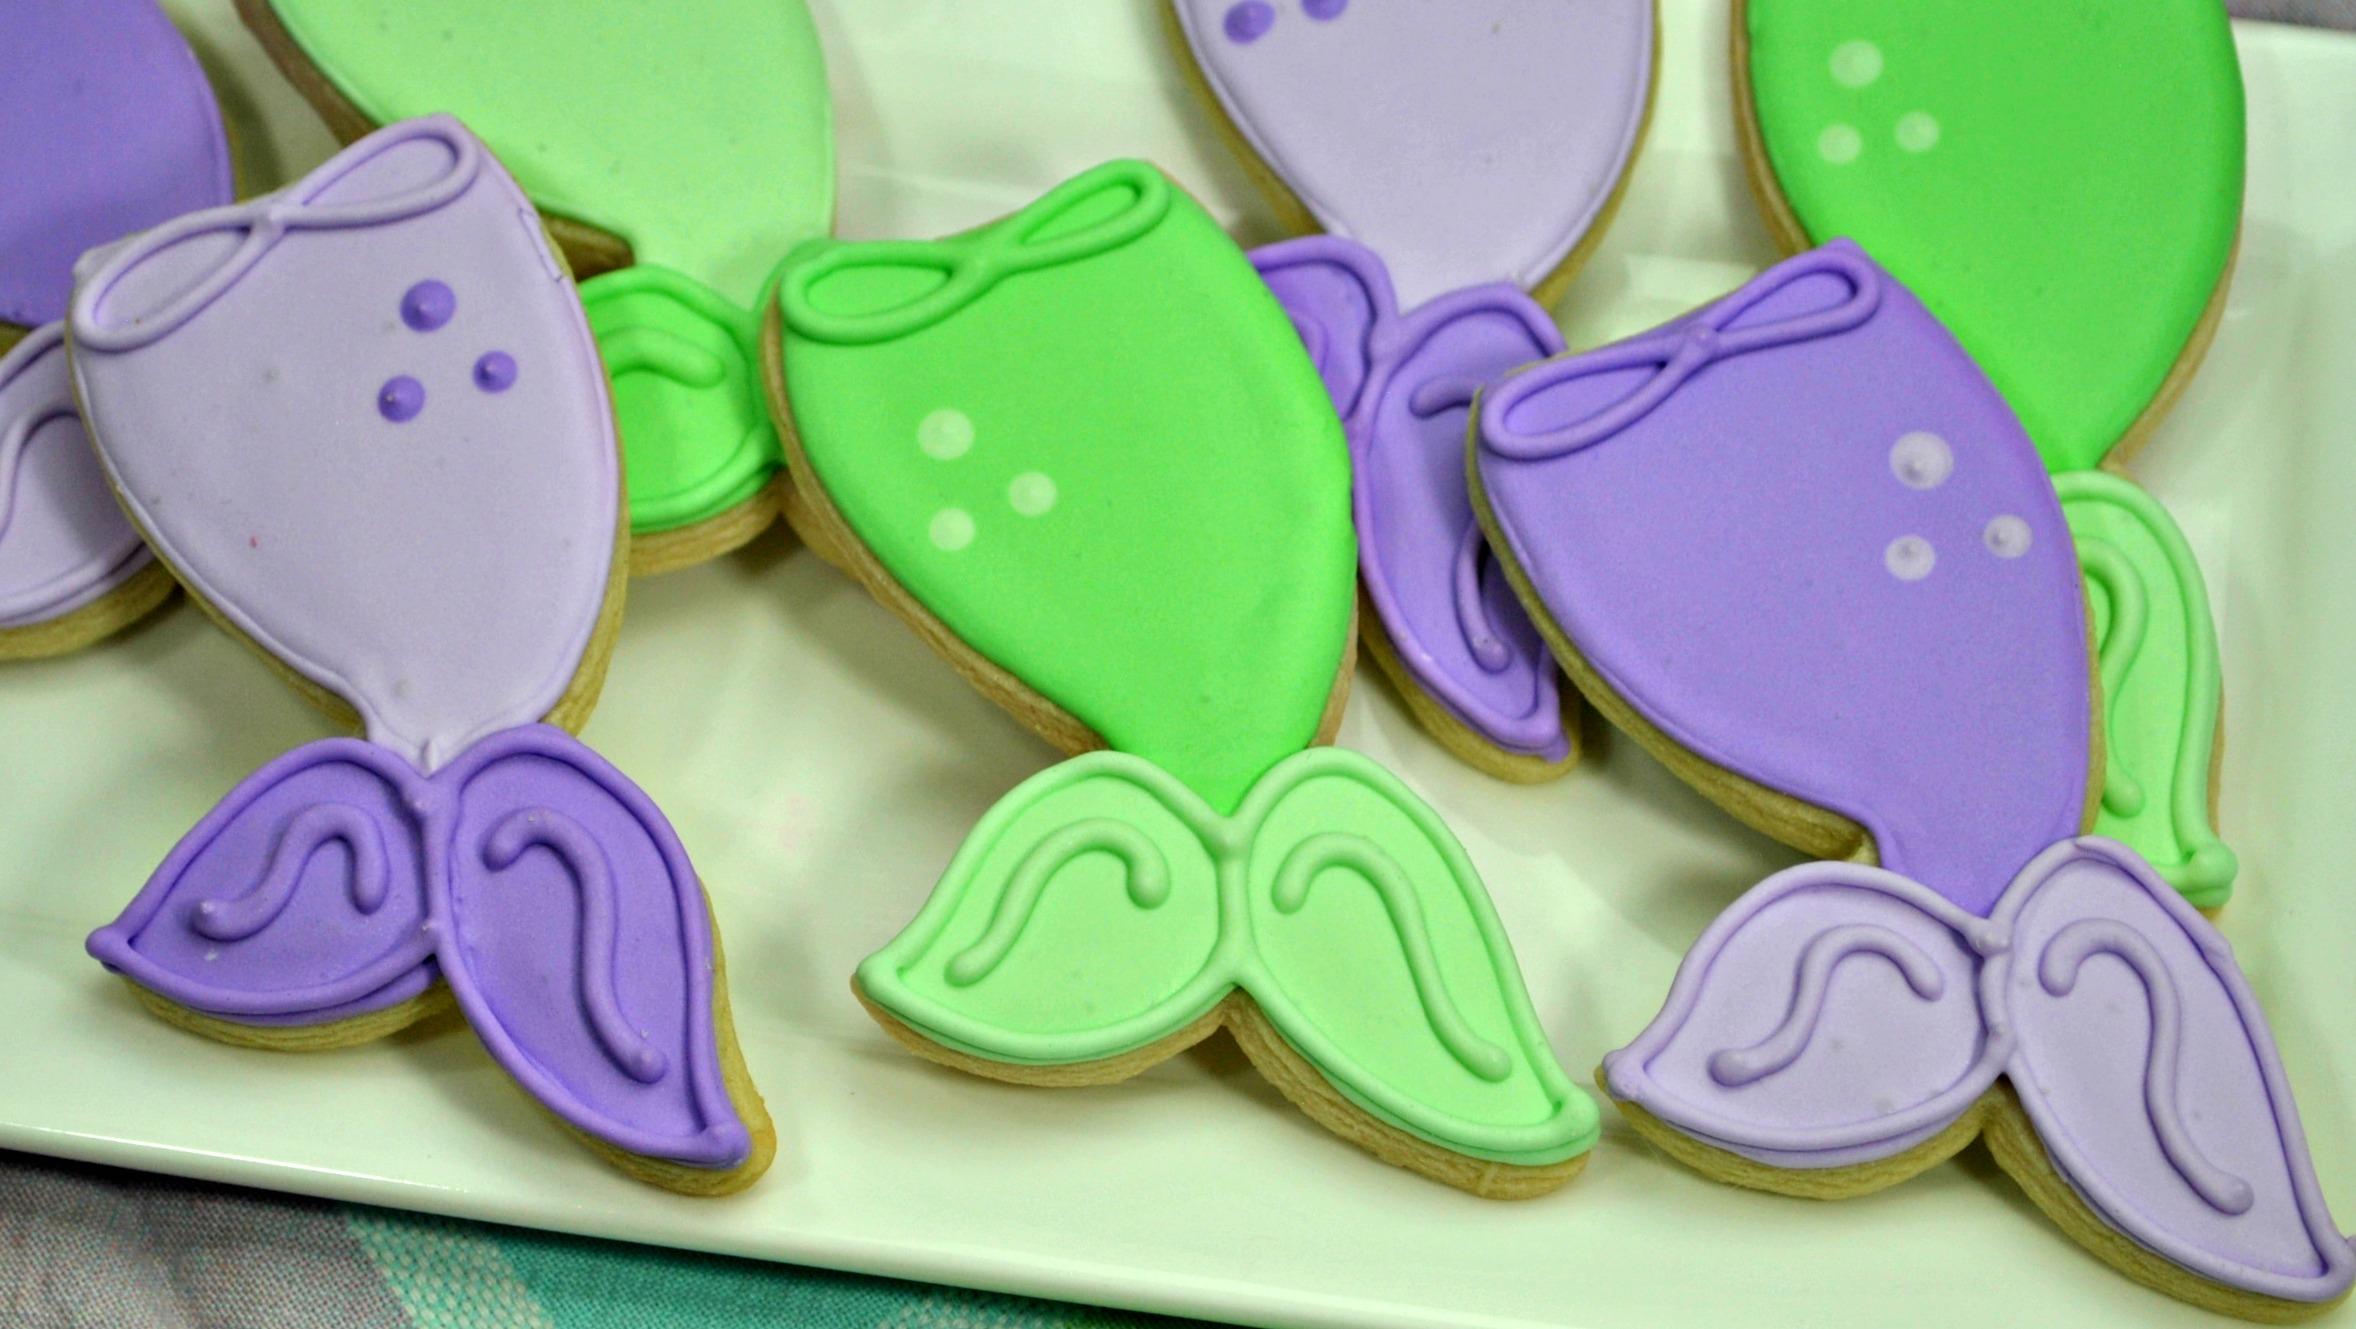 Mermaid Cookies Recipe, Mermaid Cookies, Mermaid Tail Cookies, Mermaid Party